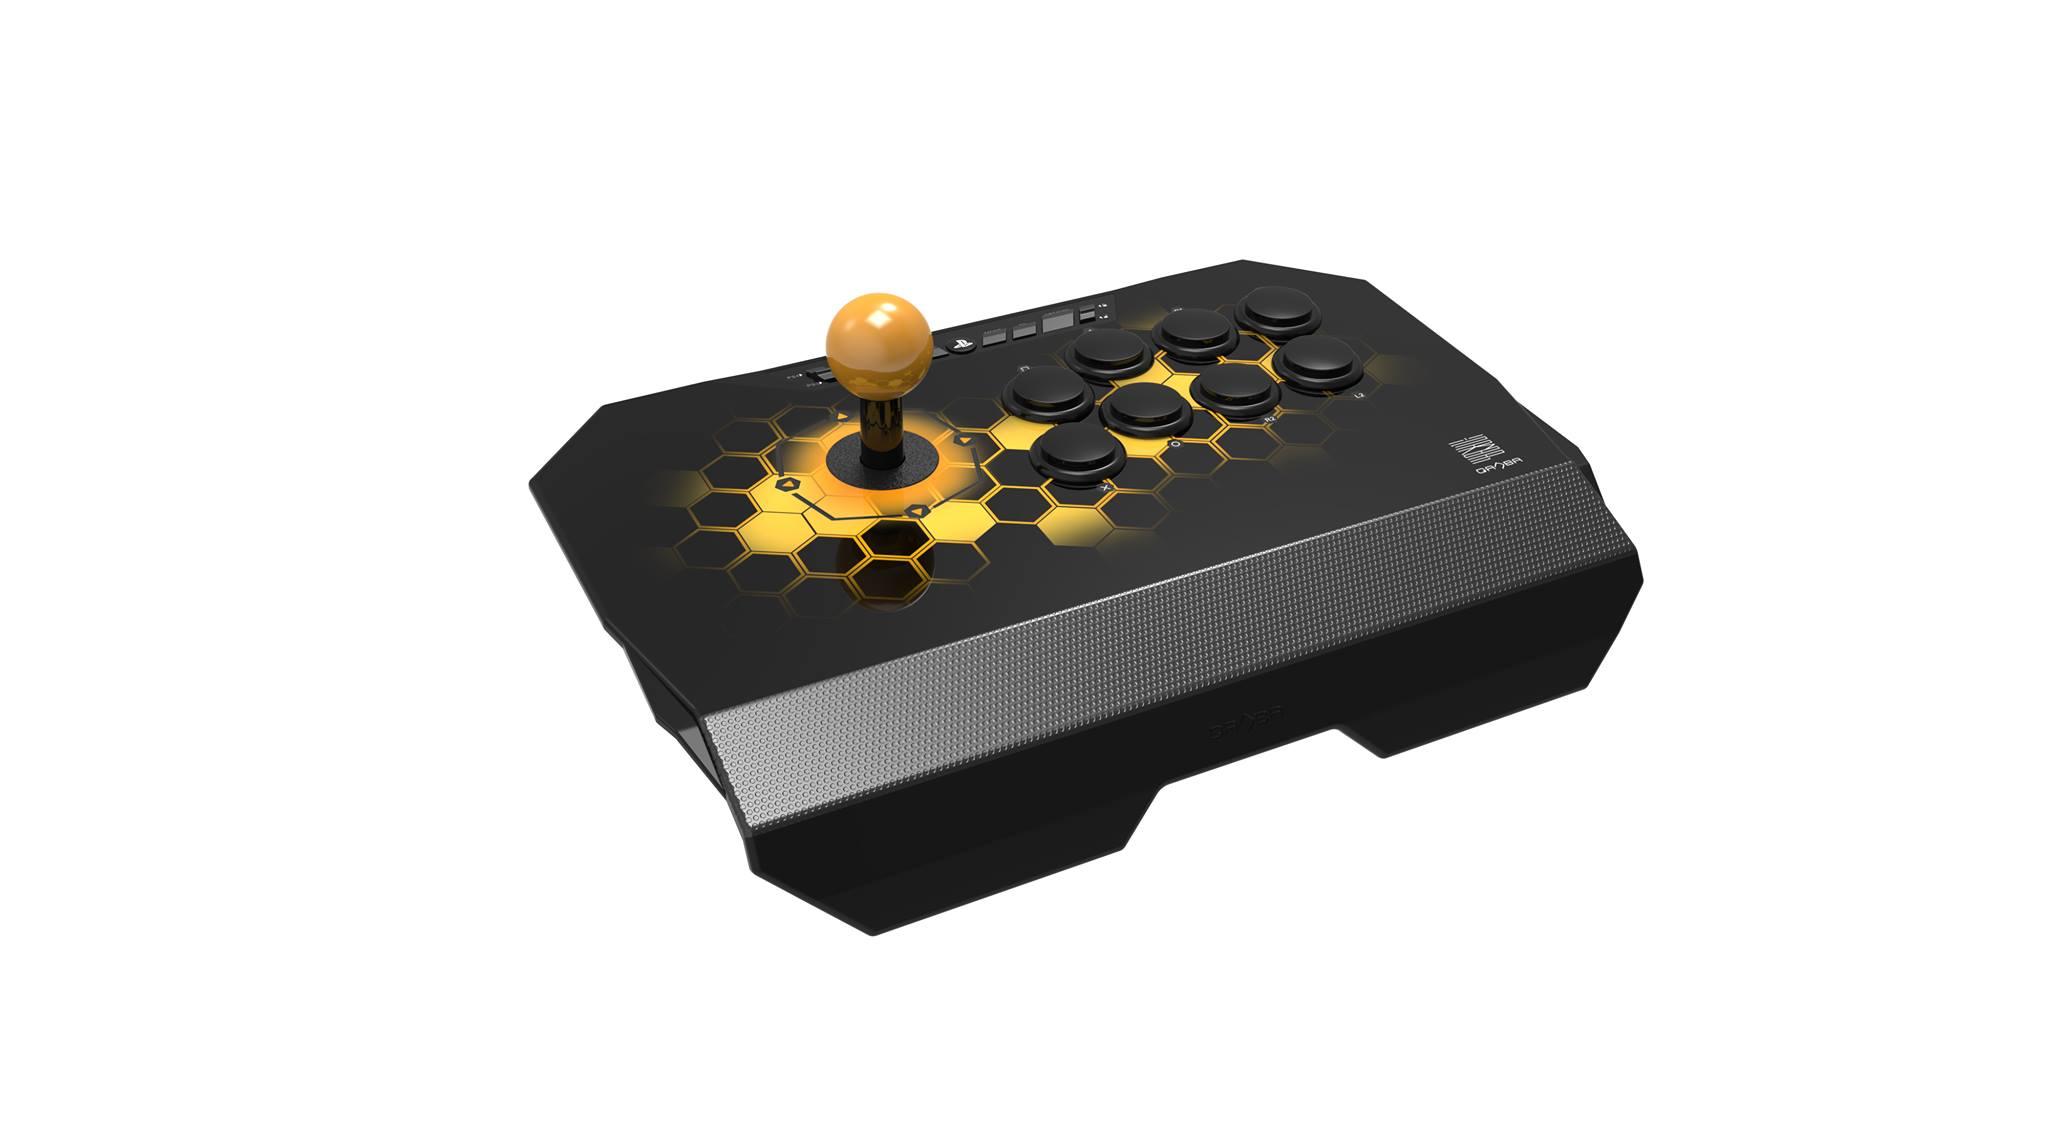 Qanba Drone (ドローン) アーケード ジョイスティック (PlayStation®4 / PlayStation®3 / PC対応) 本格的なアケコンと同じ30mmボタン8個レイアウトを採用